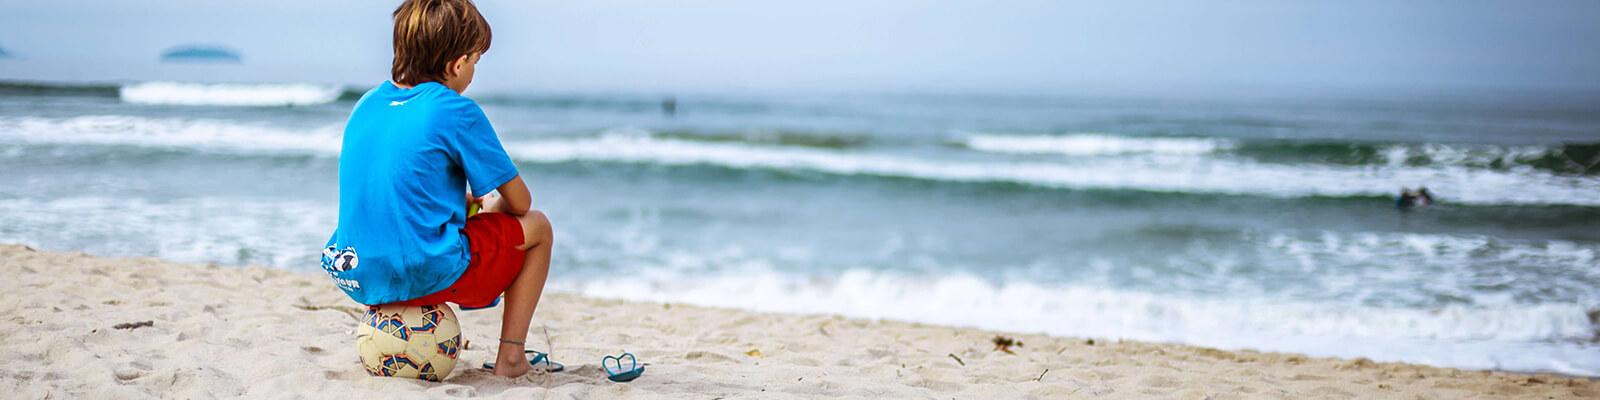 Kleiner Junge sitzt auf Fußball am Strand